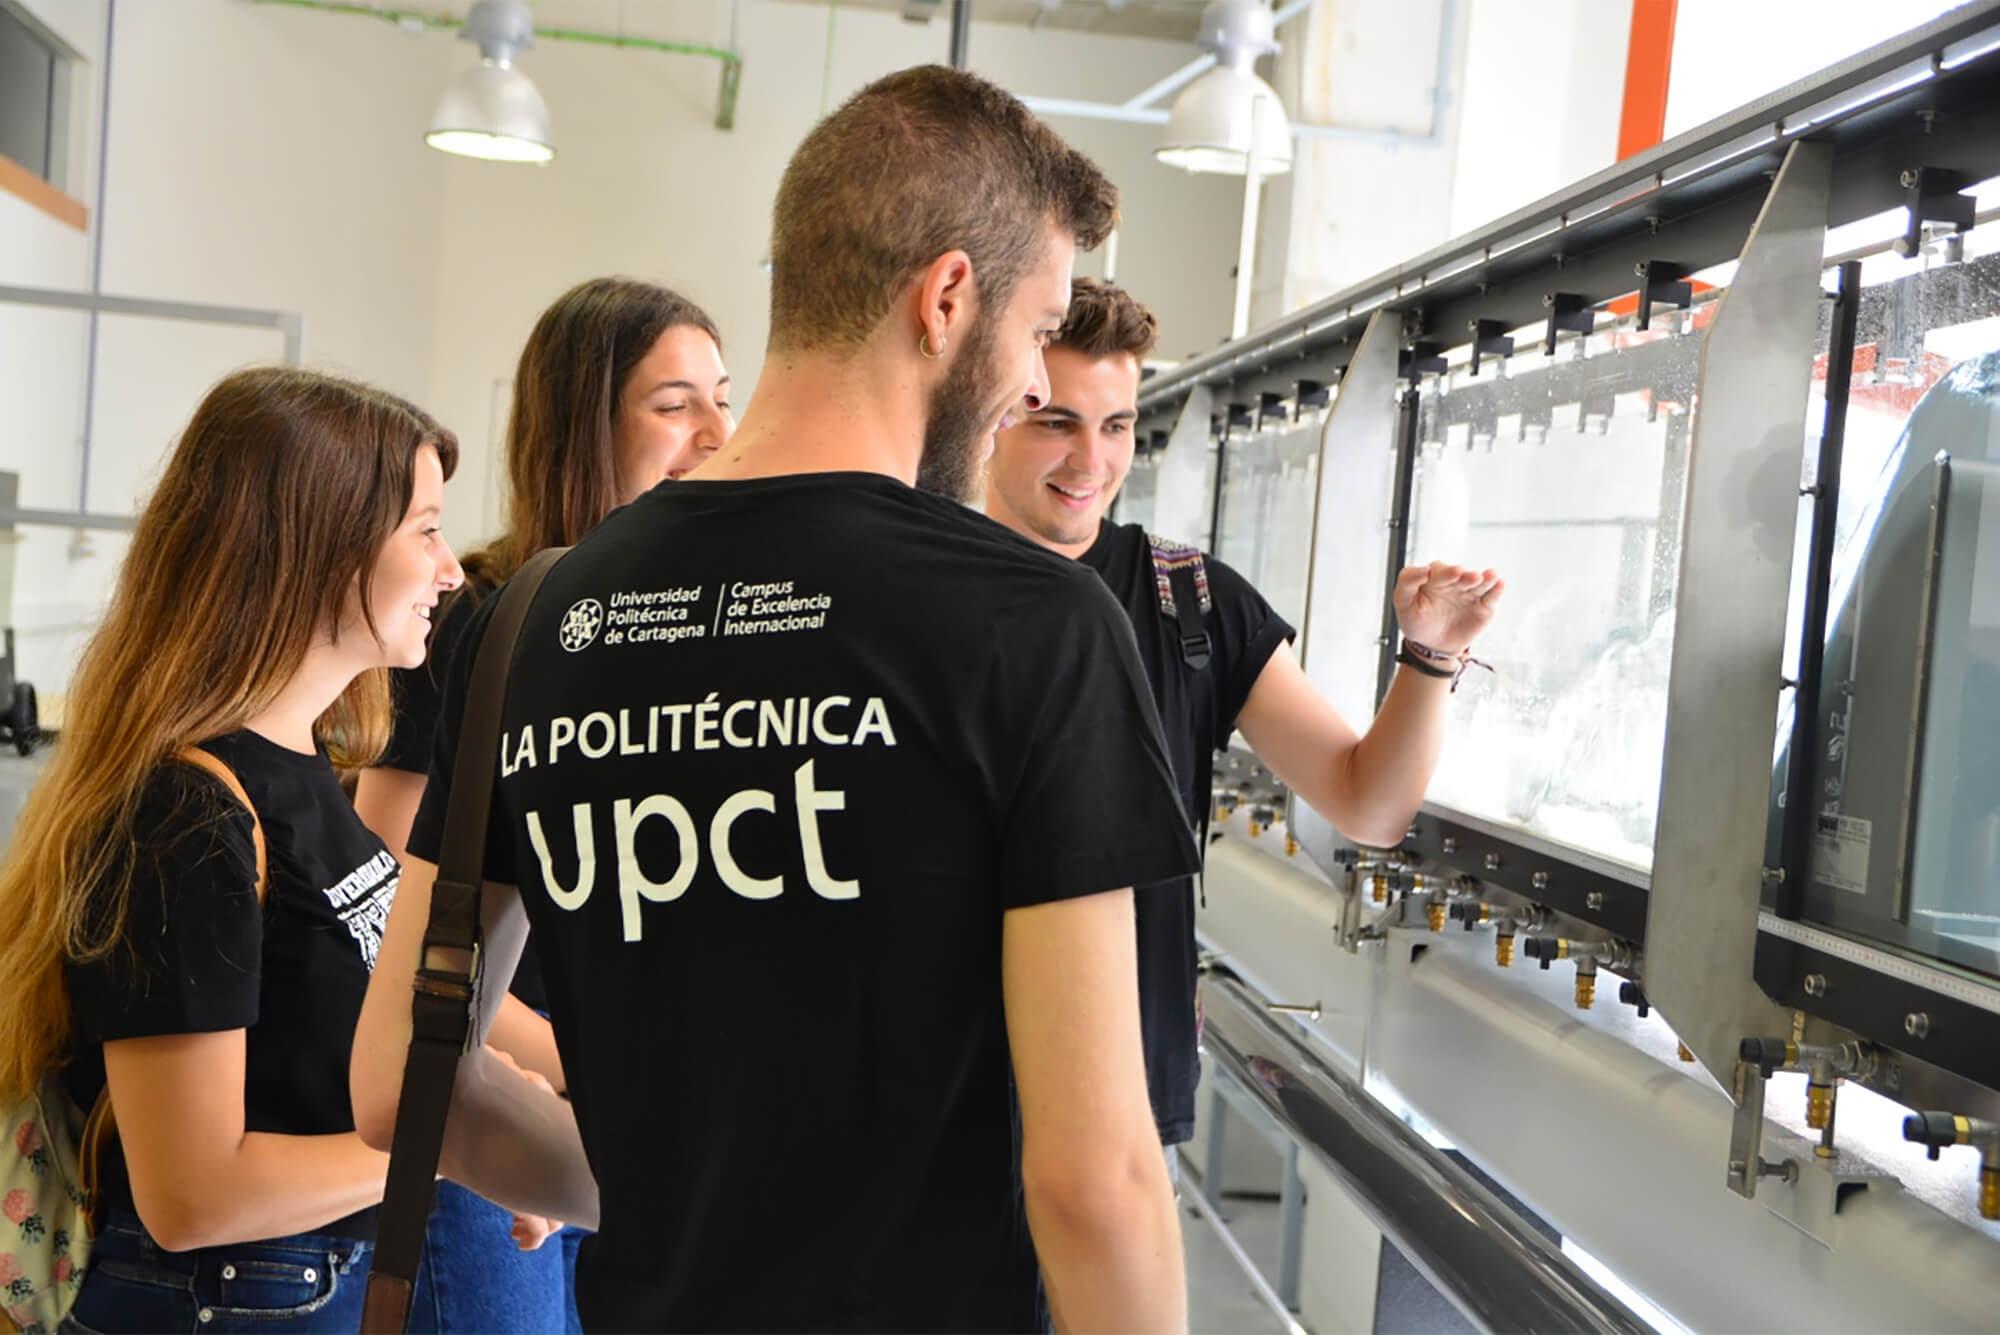 upct-laboratorio